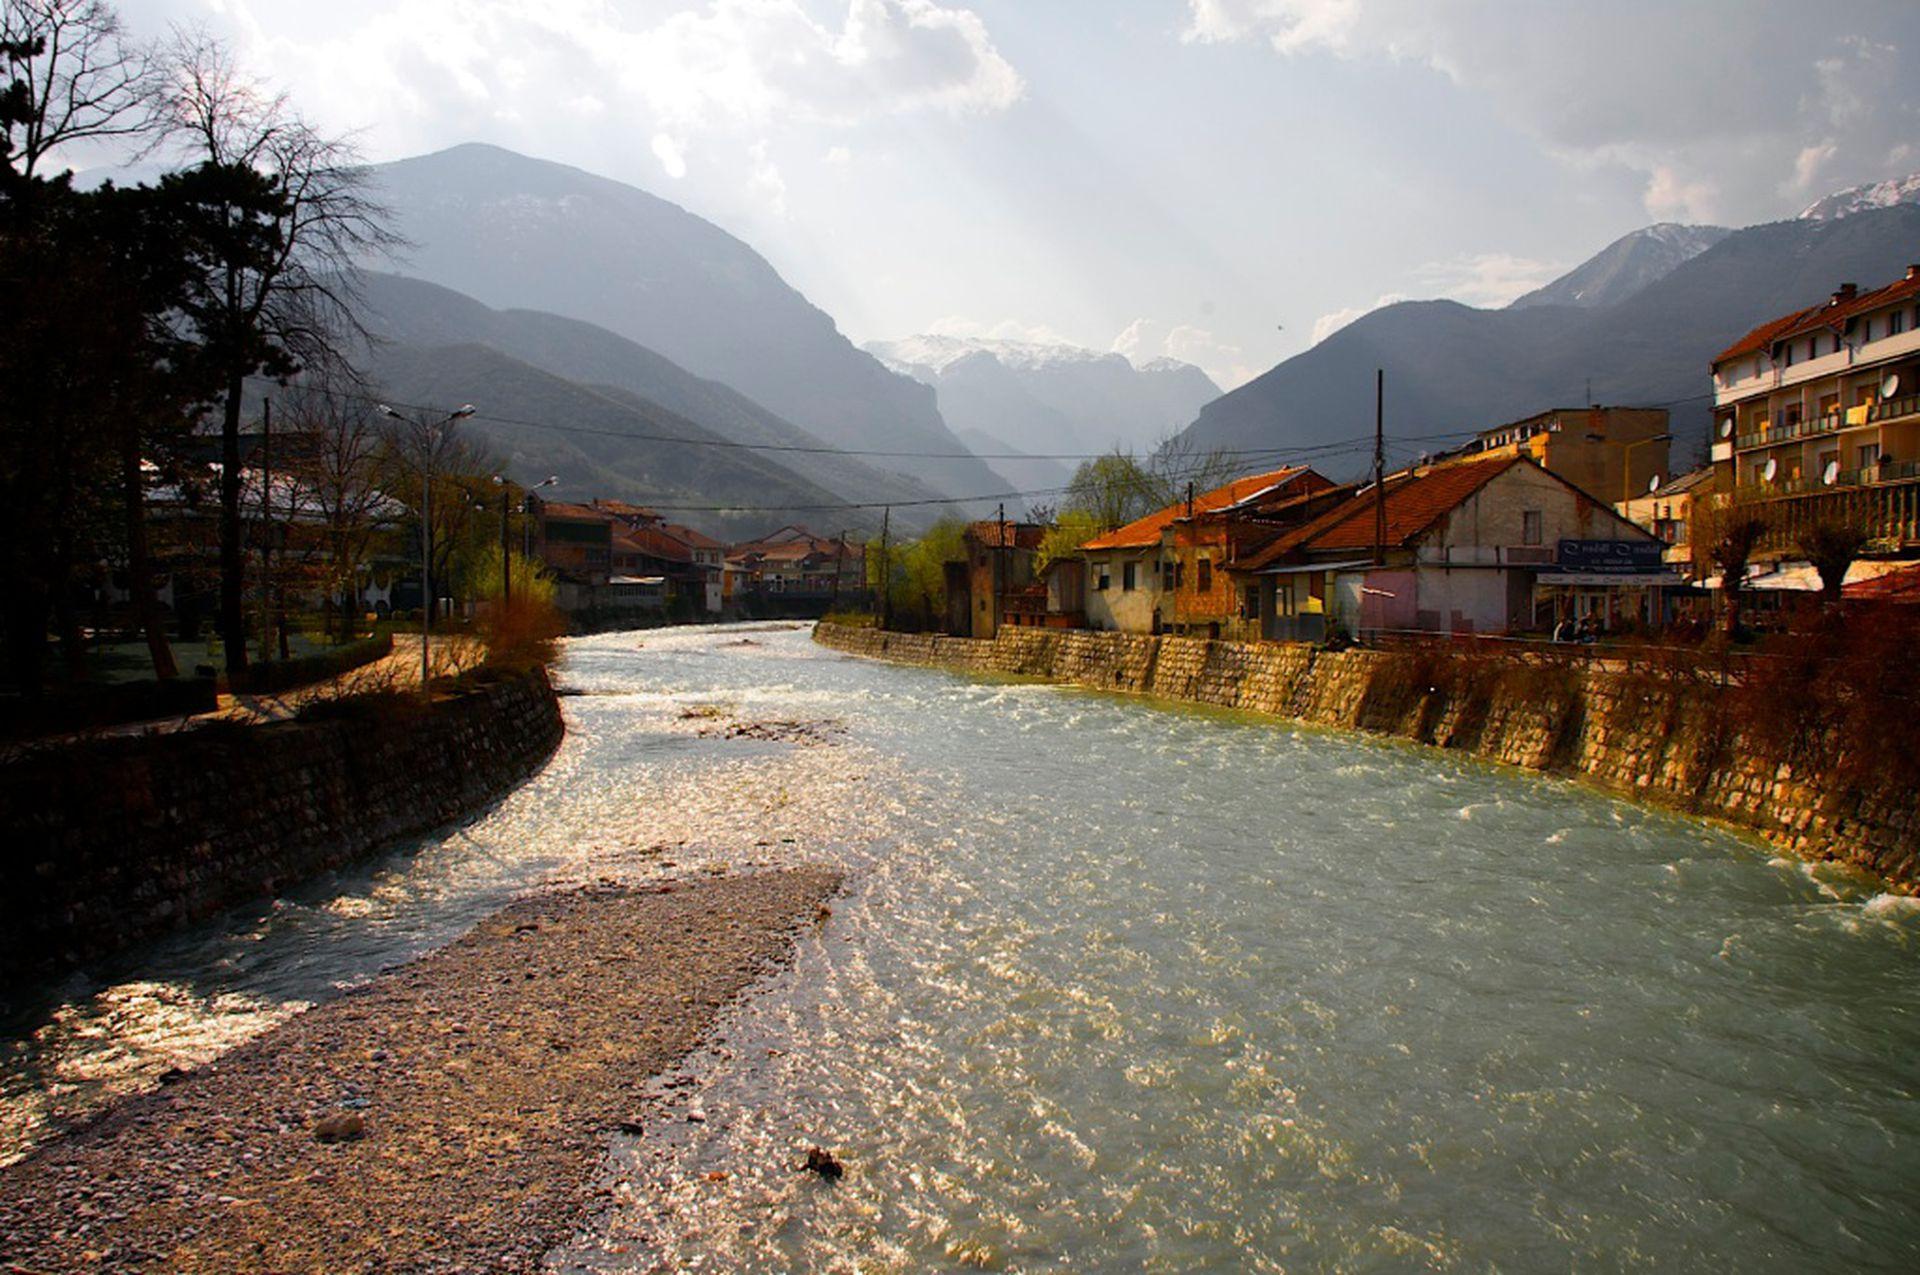 Peć, que también es conocida como Pejë, es una población que esta ubicada en el noroccidente de Kosovo, el Estado más joven de Europa